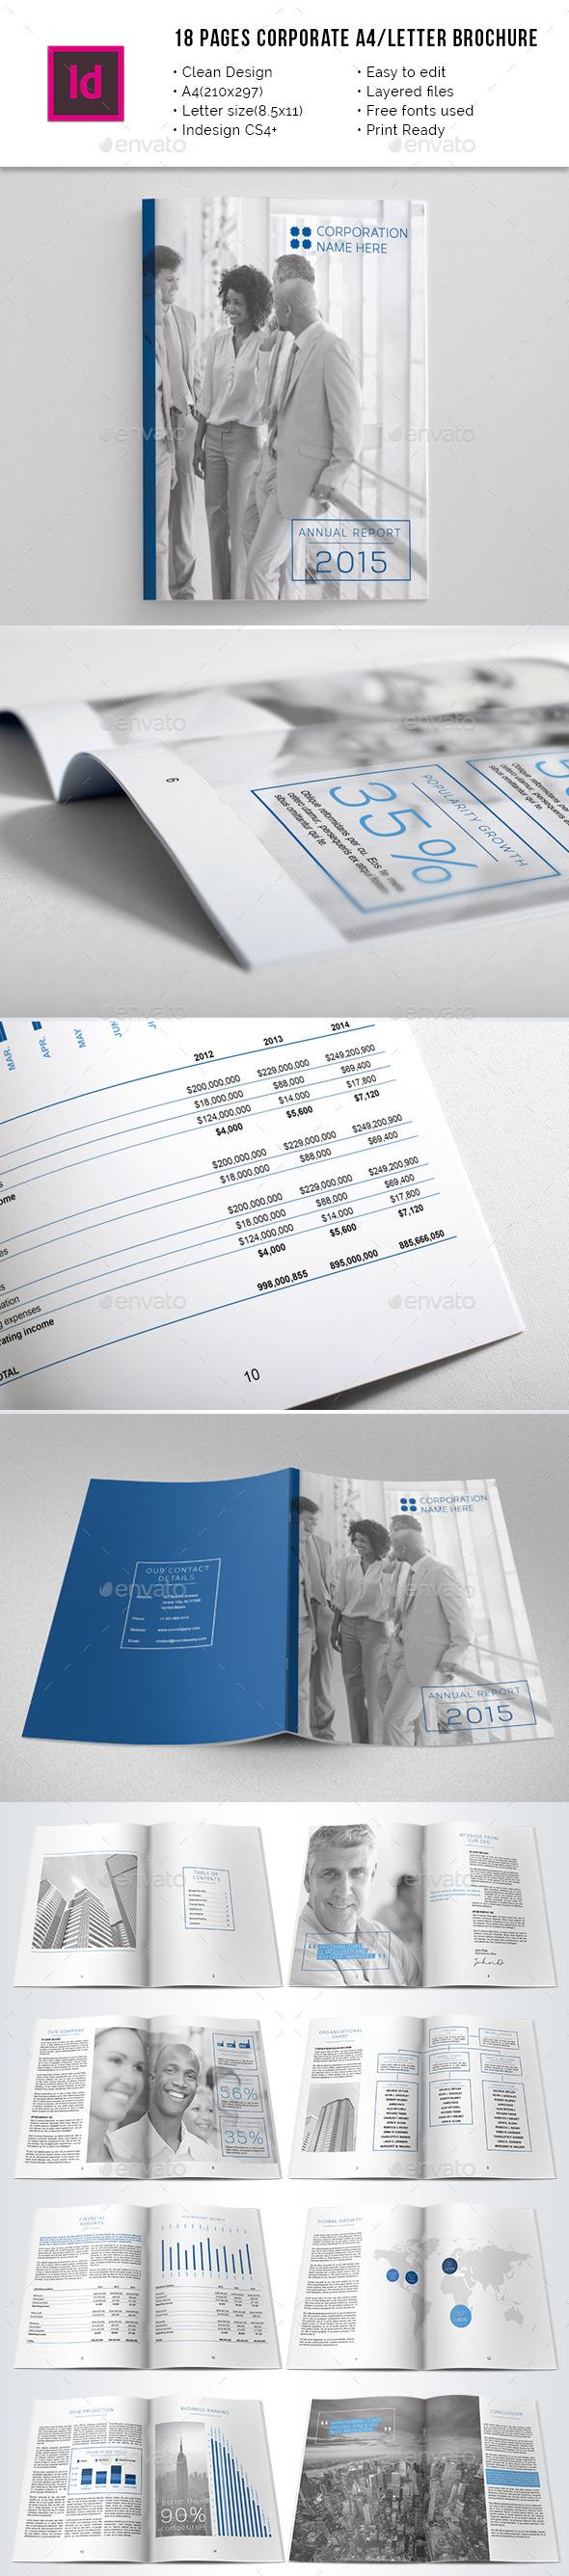 GraphicRiver Corporate A4 Letter Annual Report 10274063